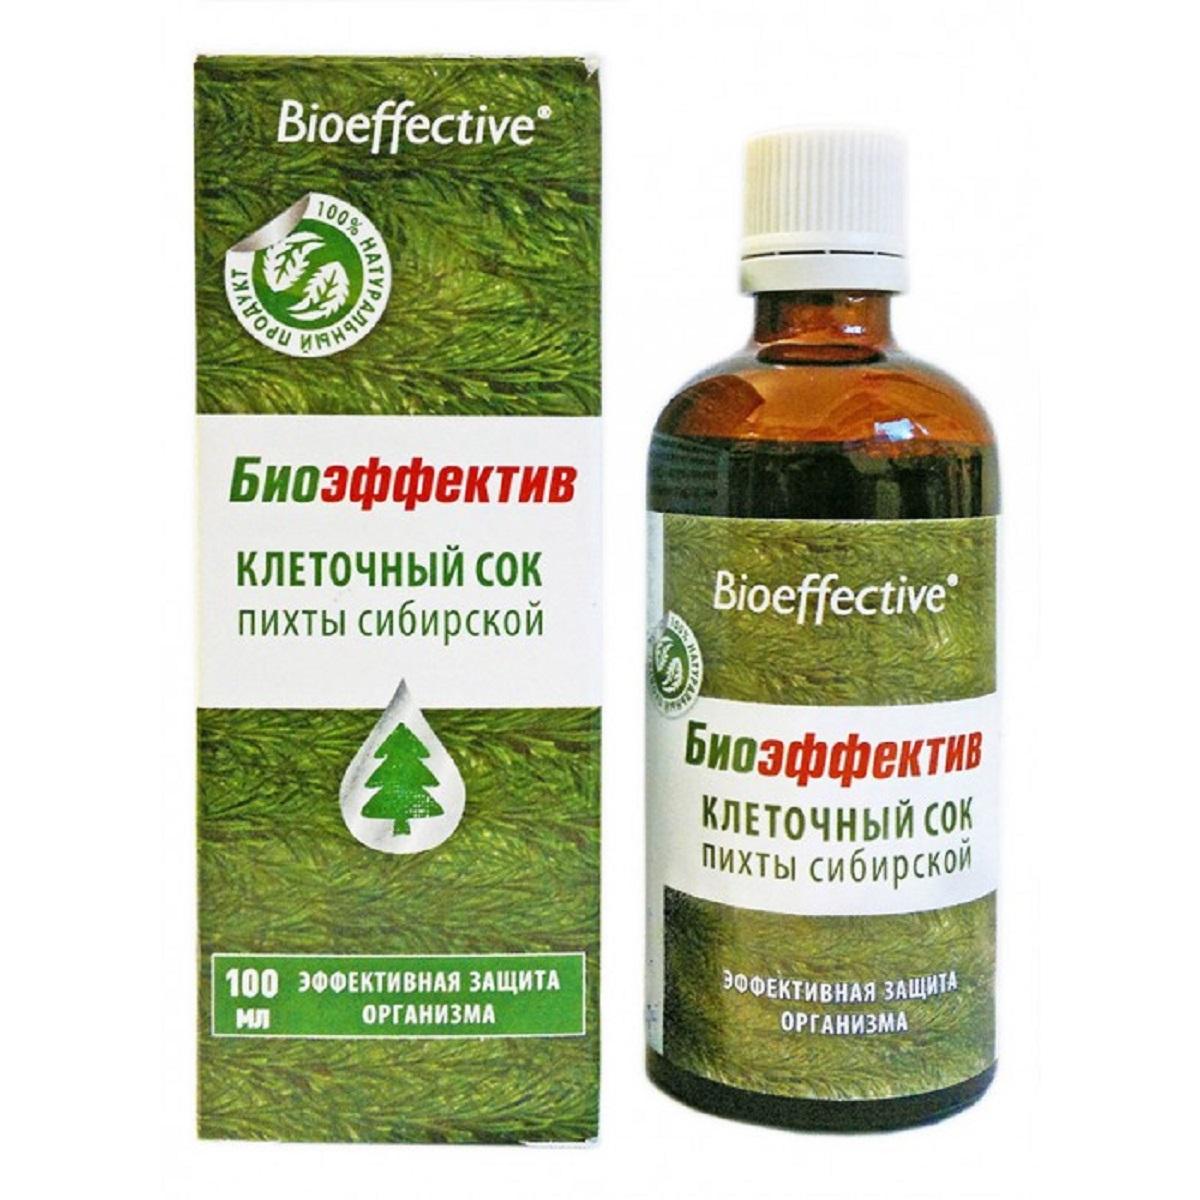 Биэффектив клеточный сок пихты сибирской, 100 мл саженцы пихты в москве